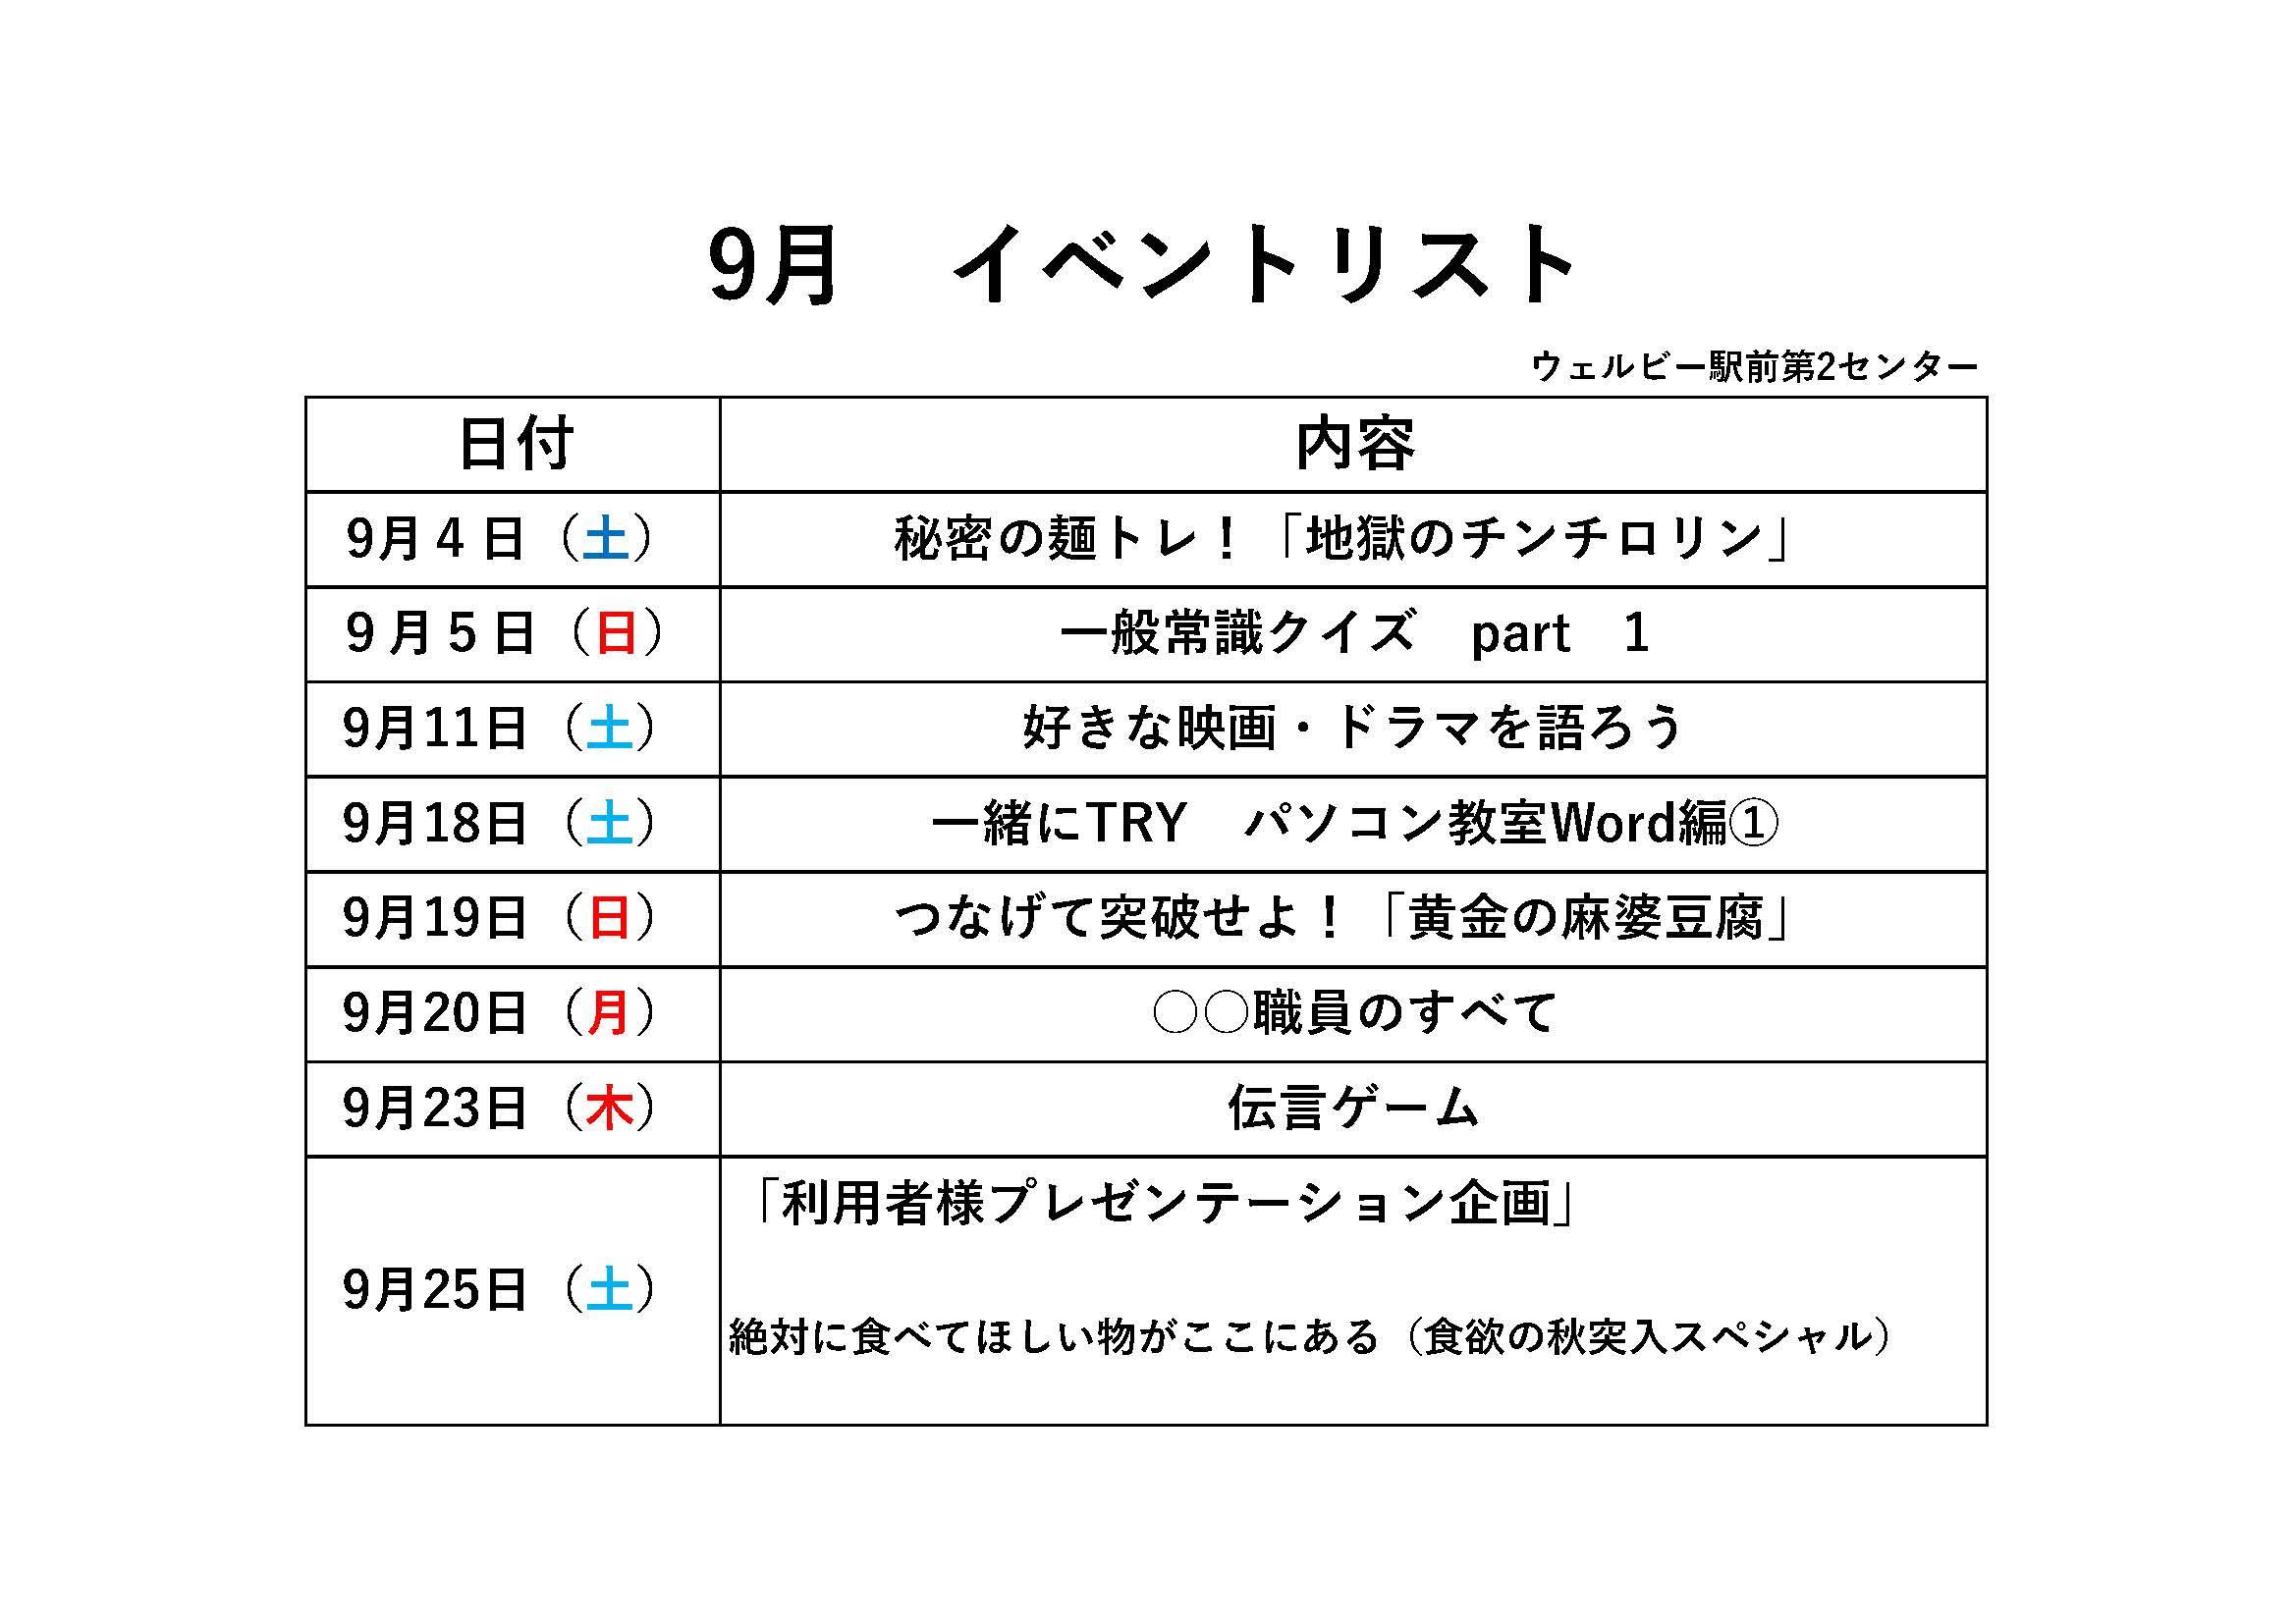 9月イベントリスト(高崎駅ウェルビー前第2センター)